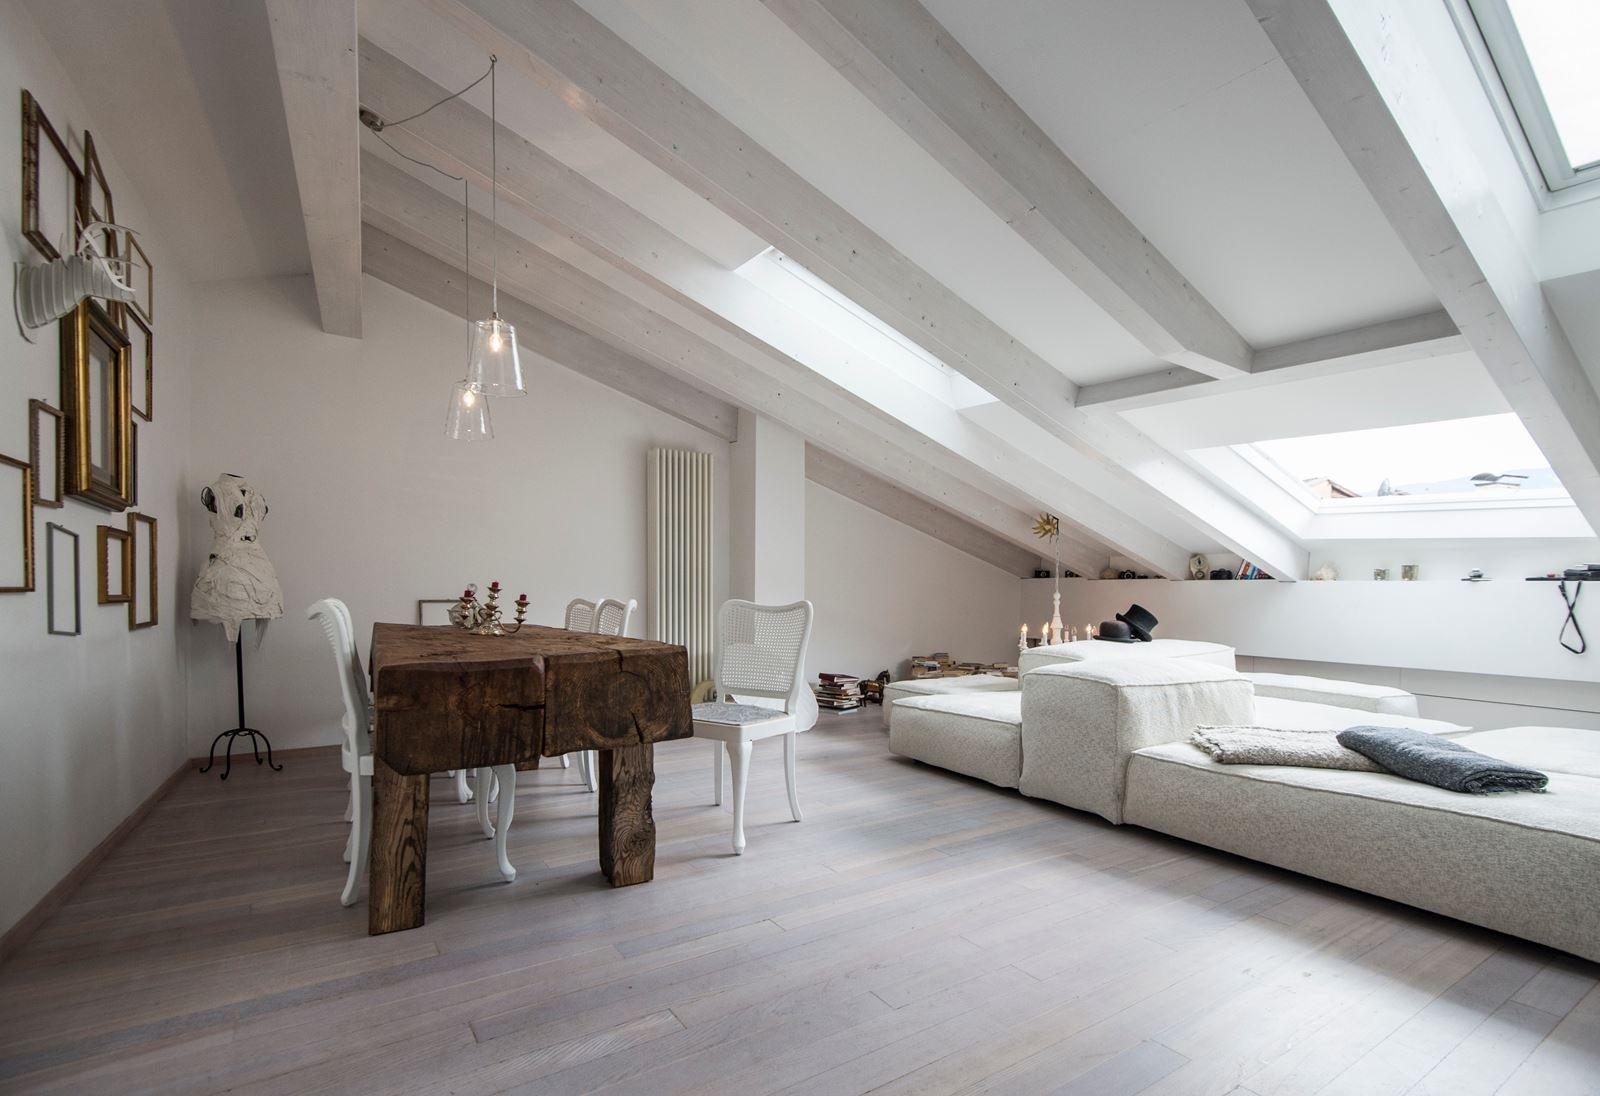 Trasformare Un Garage In Abitazione artech - edilizia completa - ecobonus casa vantaggi per